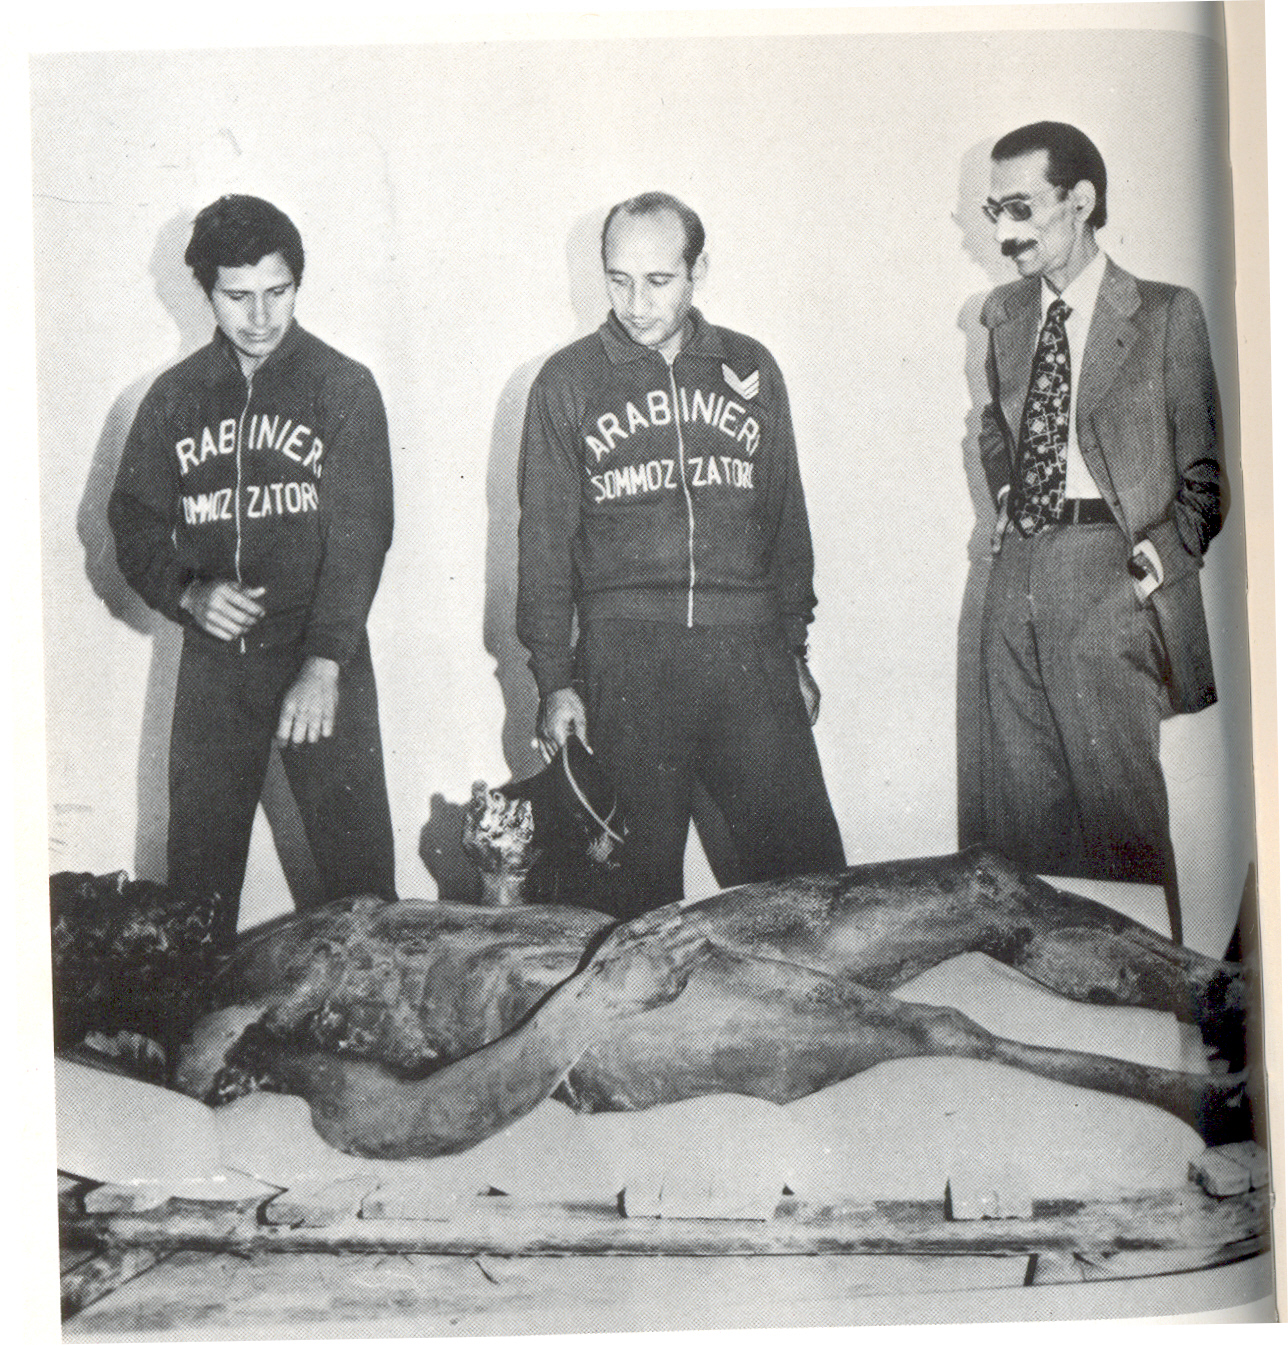 16 agosto 1972: Ritrovamento dei Bronzi di Riace, capolavori scultorei dell'arte greca